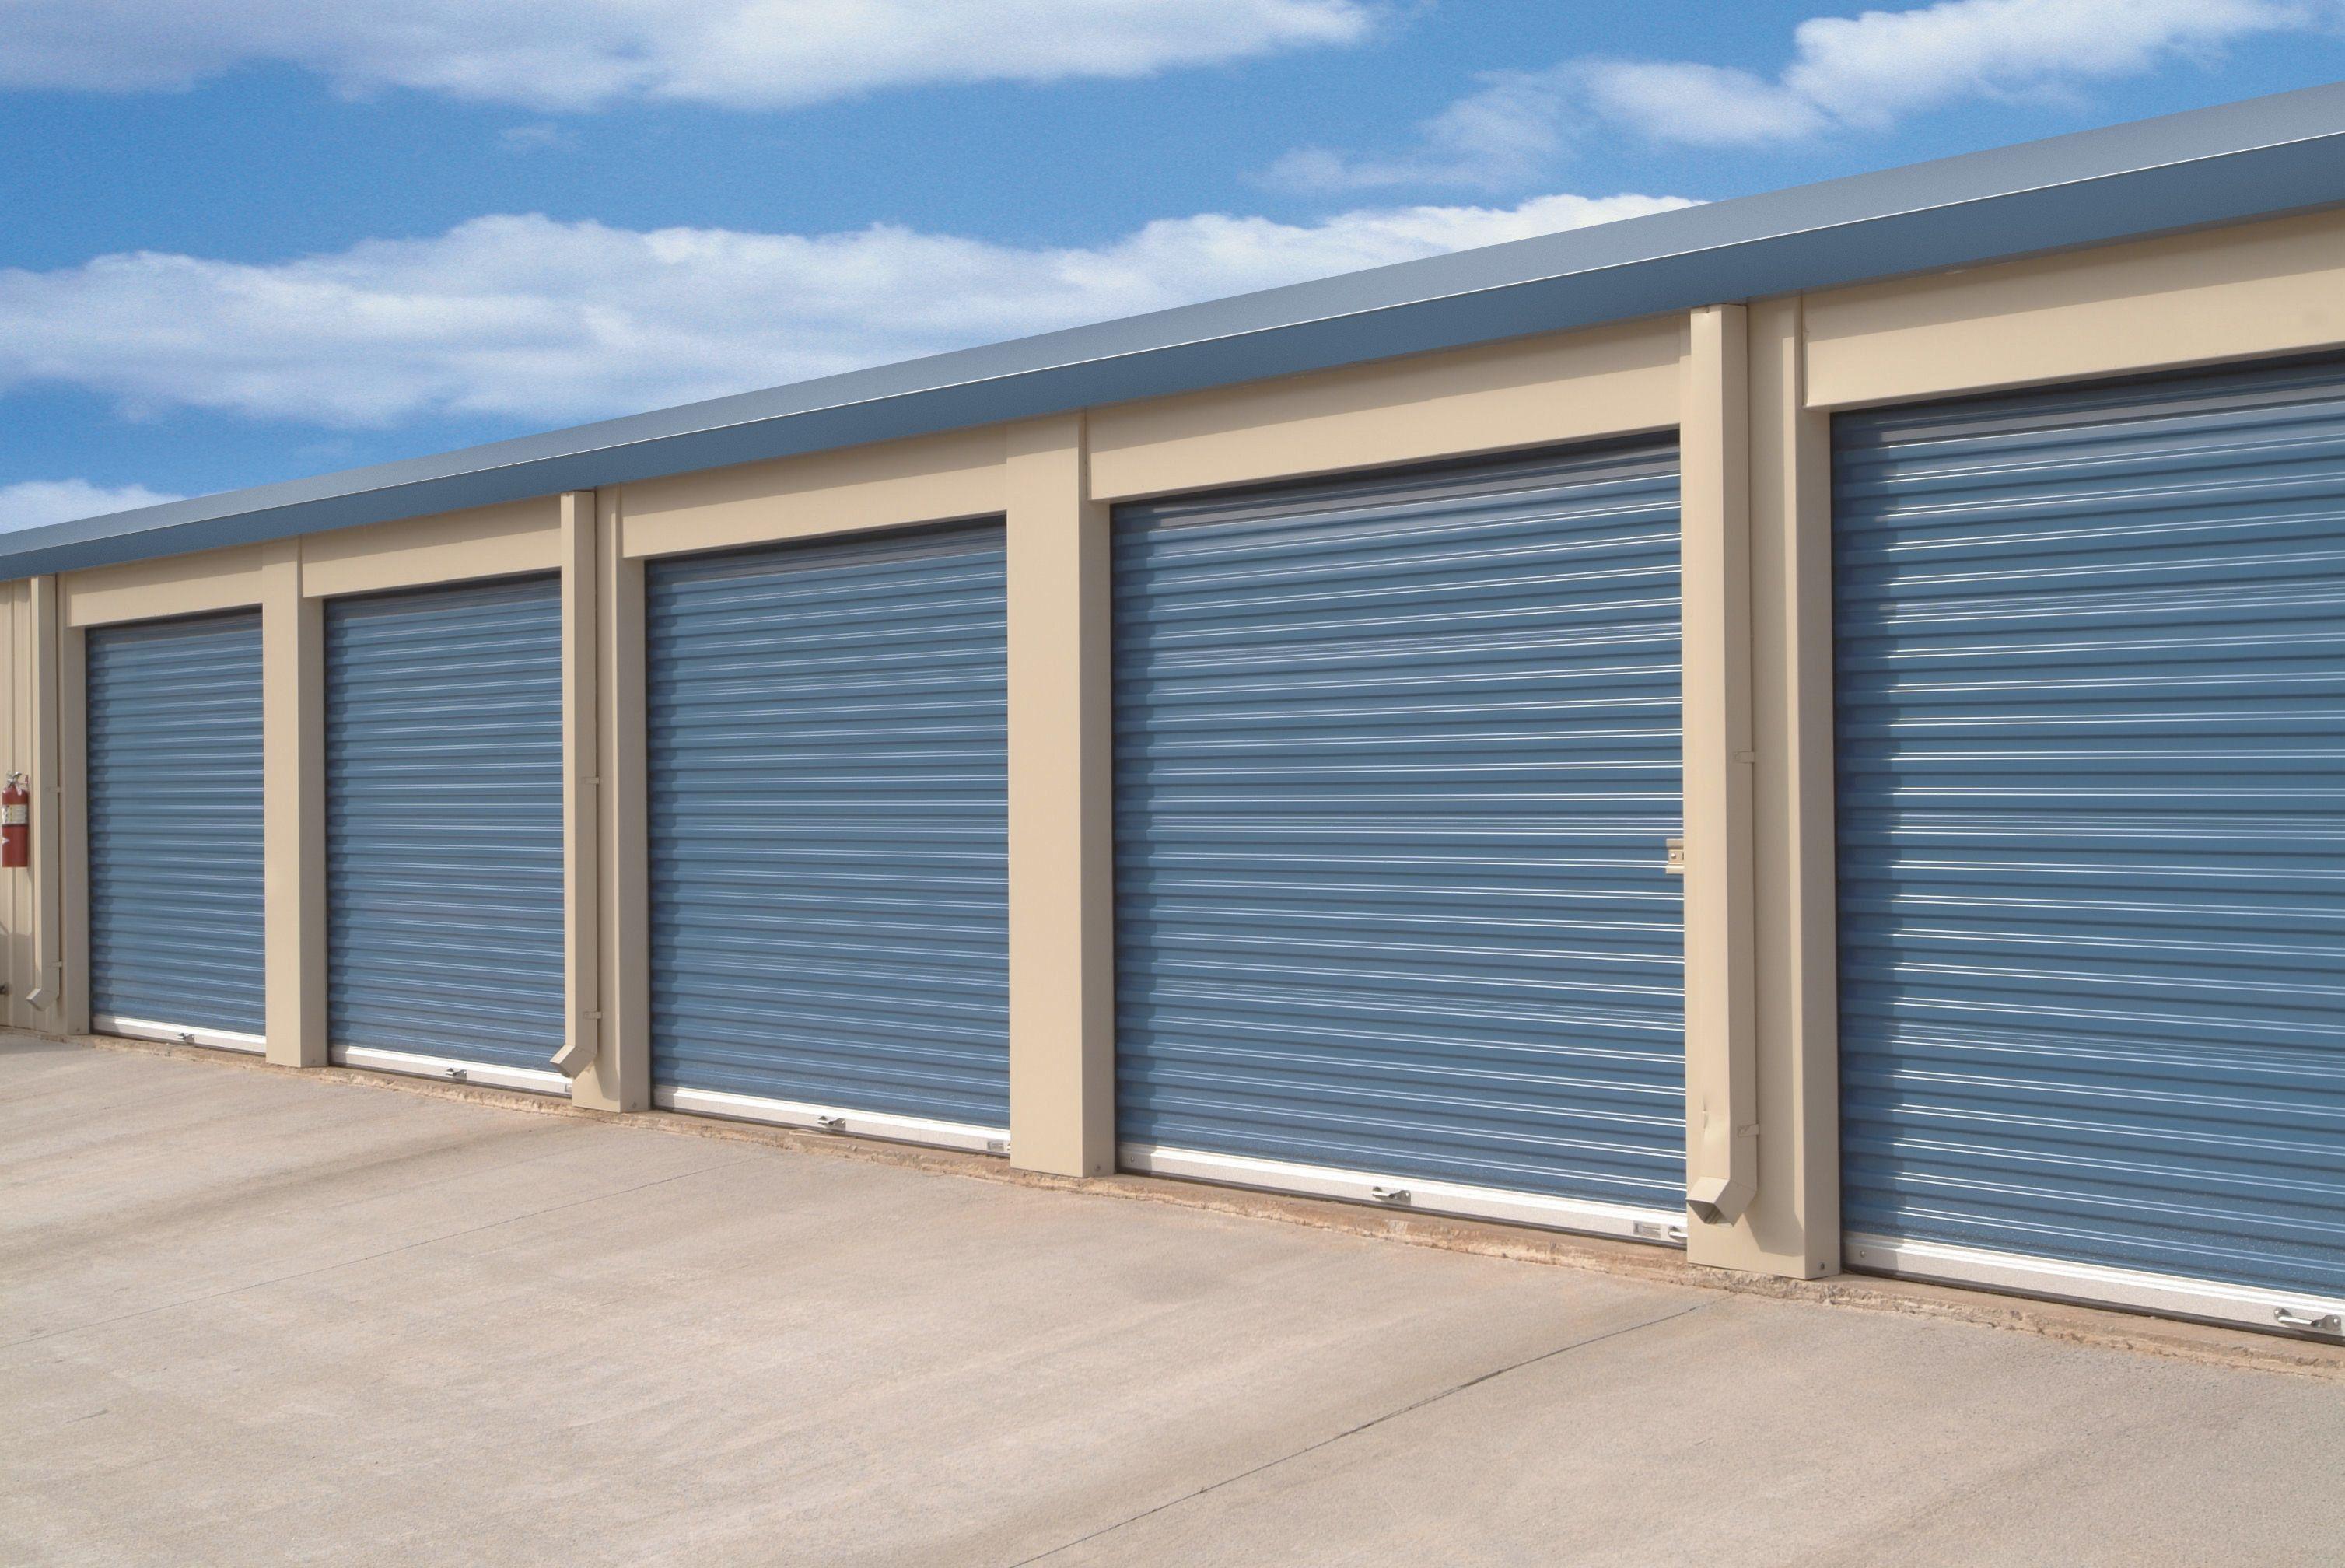 doors over house top repair garage albuquerque service carriage door the